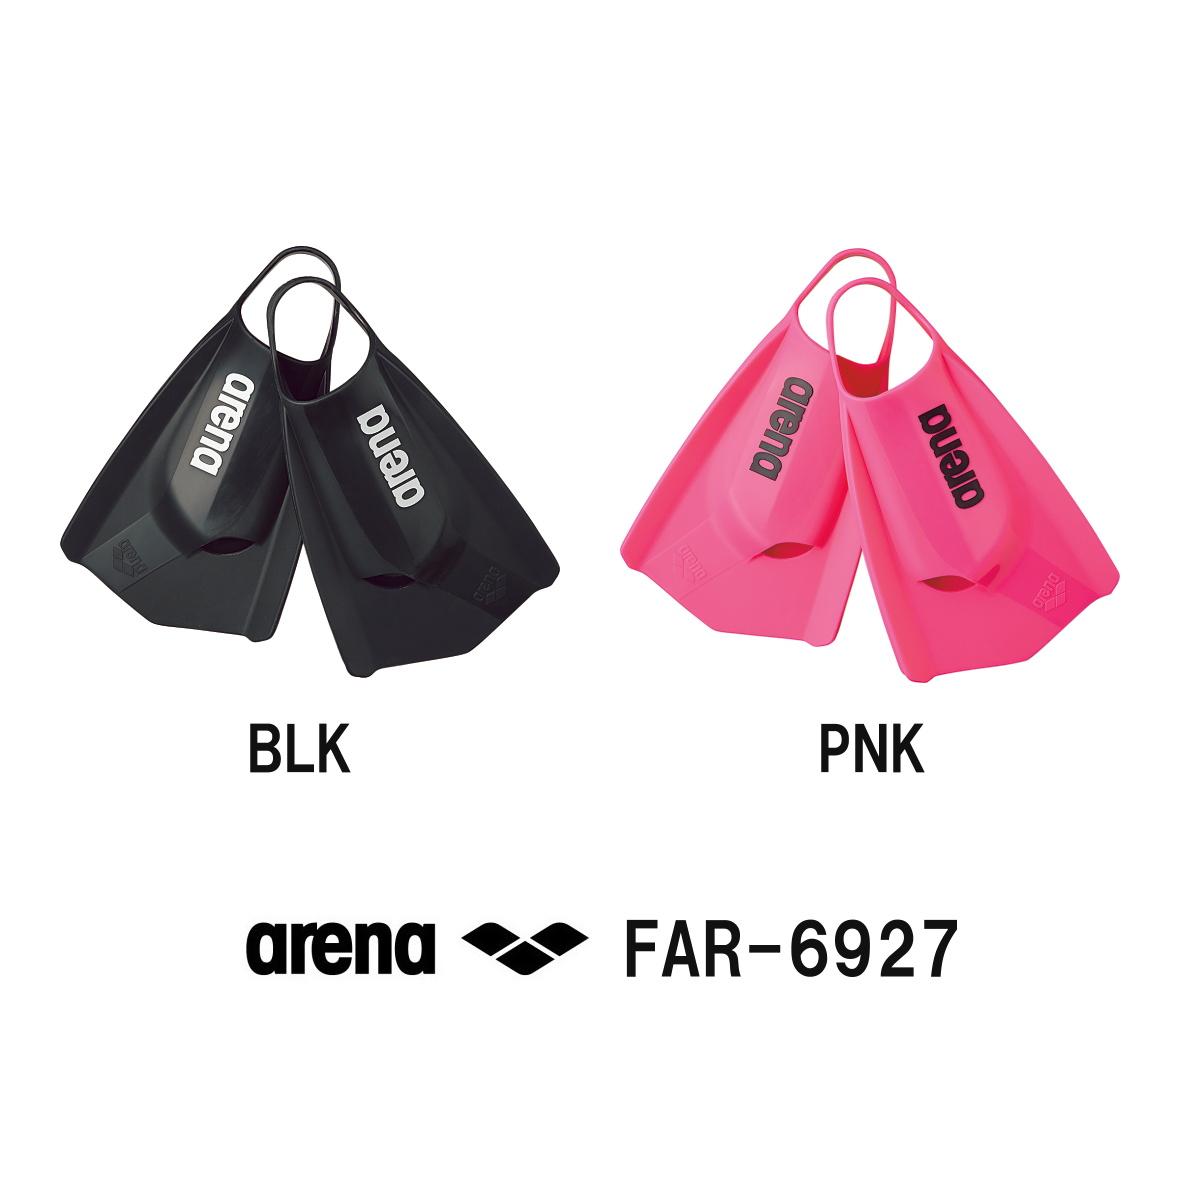 【水泳練習用具】【FAR-6927】ARENA(アリーナ) スイムフィン Powerfin Pro(パワーフィン プロ)水泳/競泳/足ヒレ/練習/トレーニング